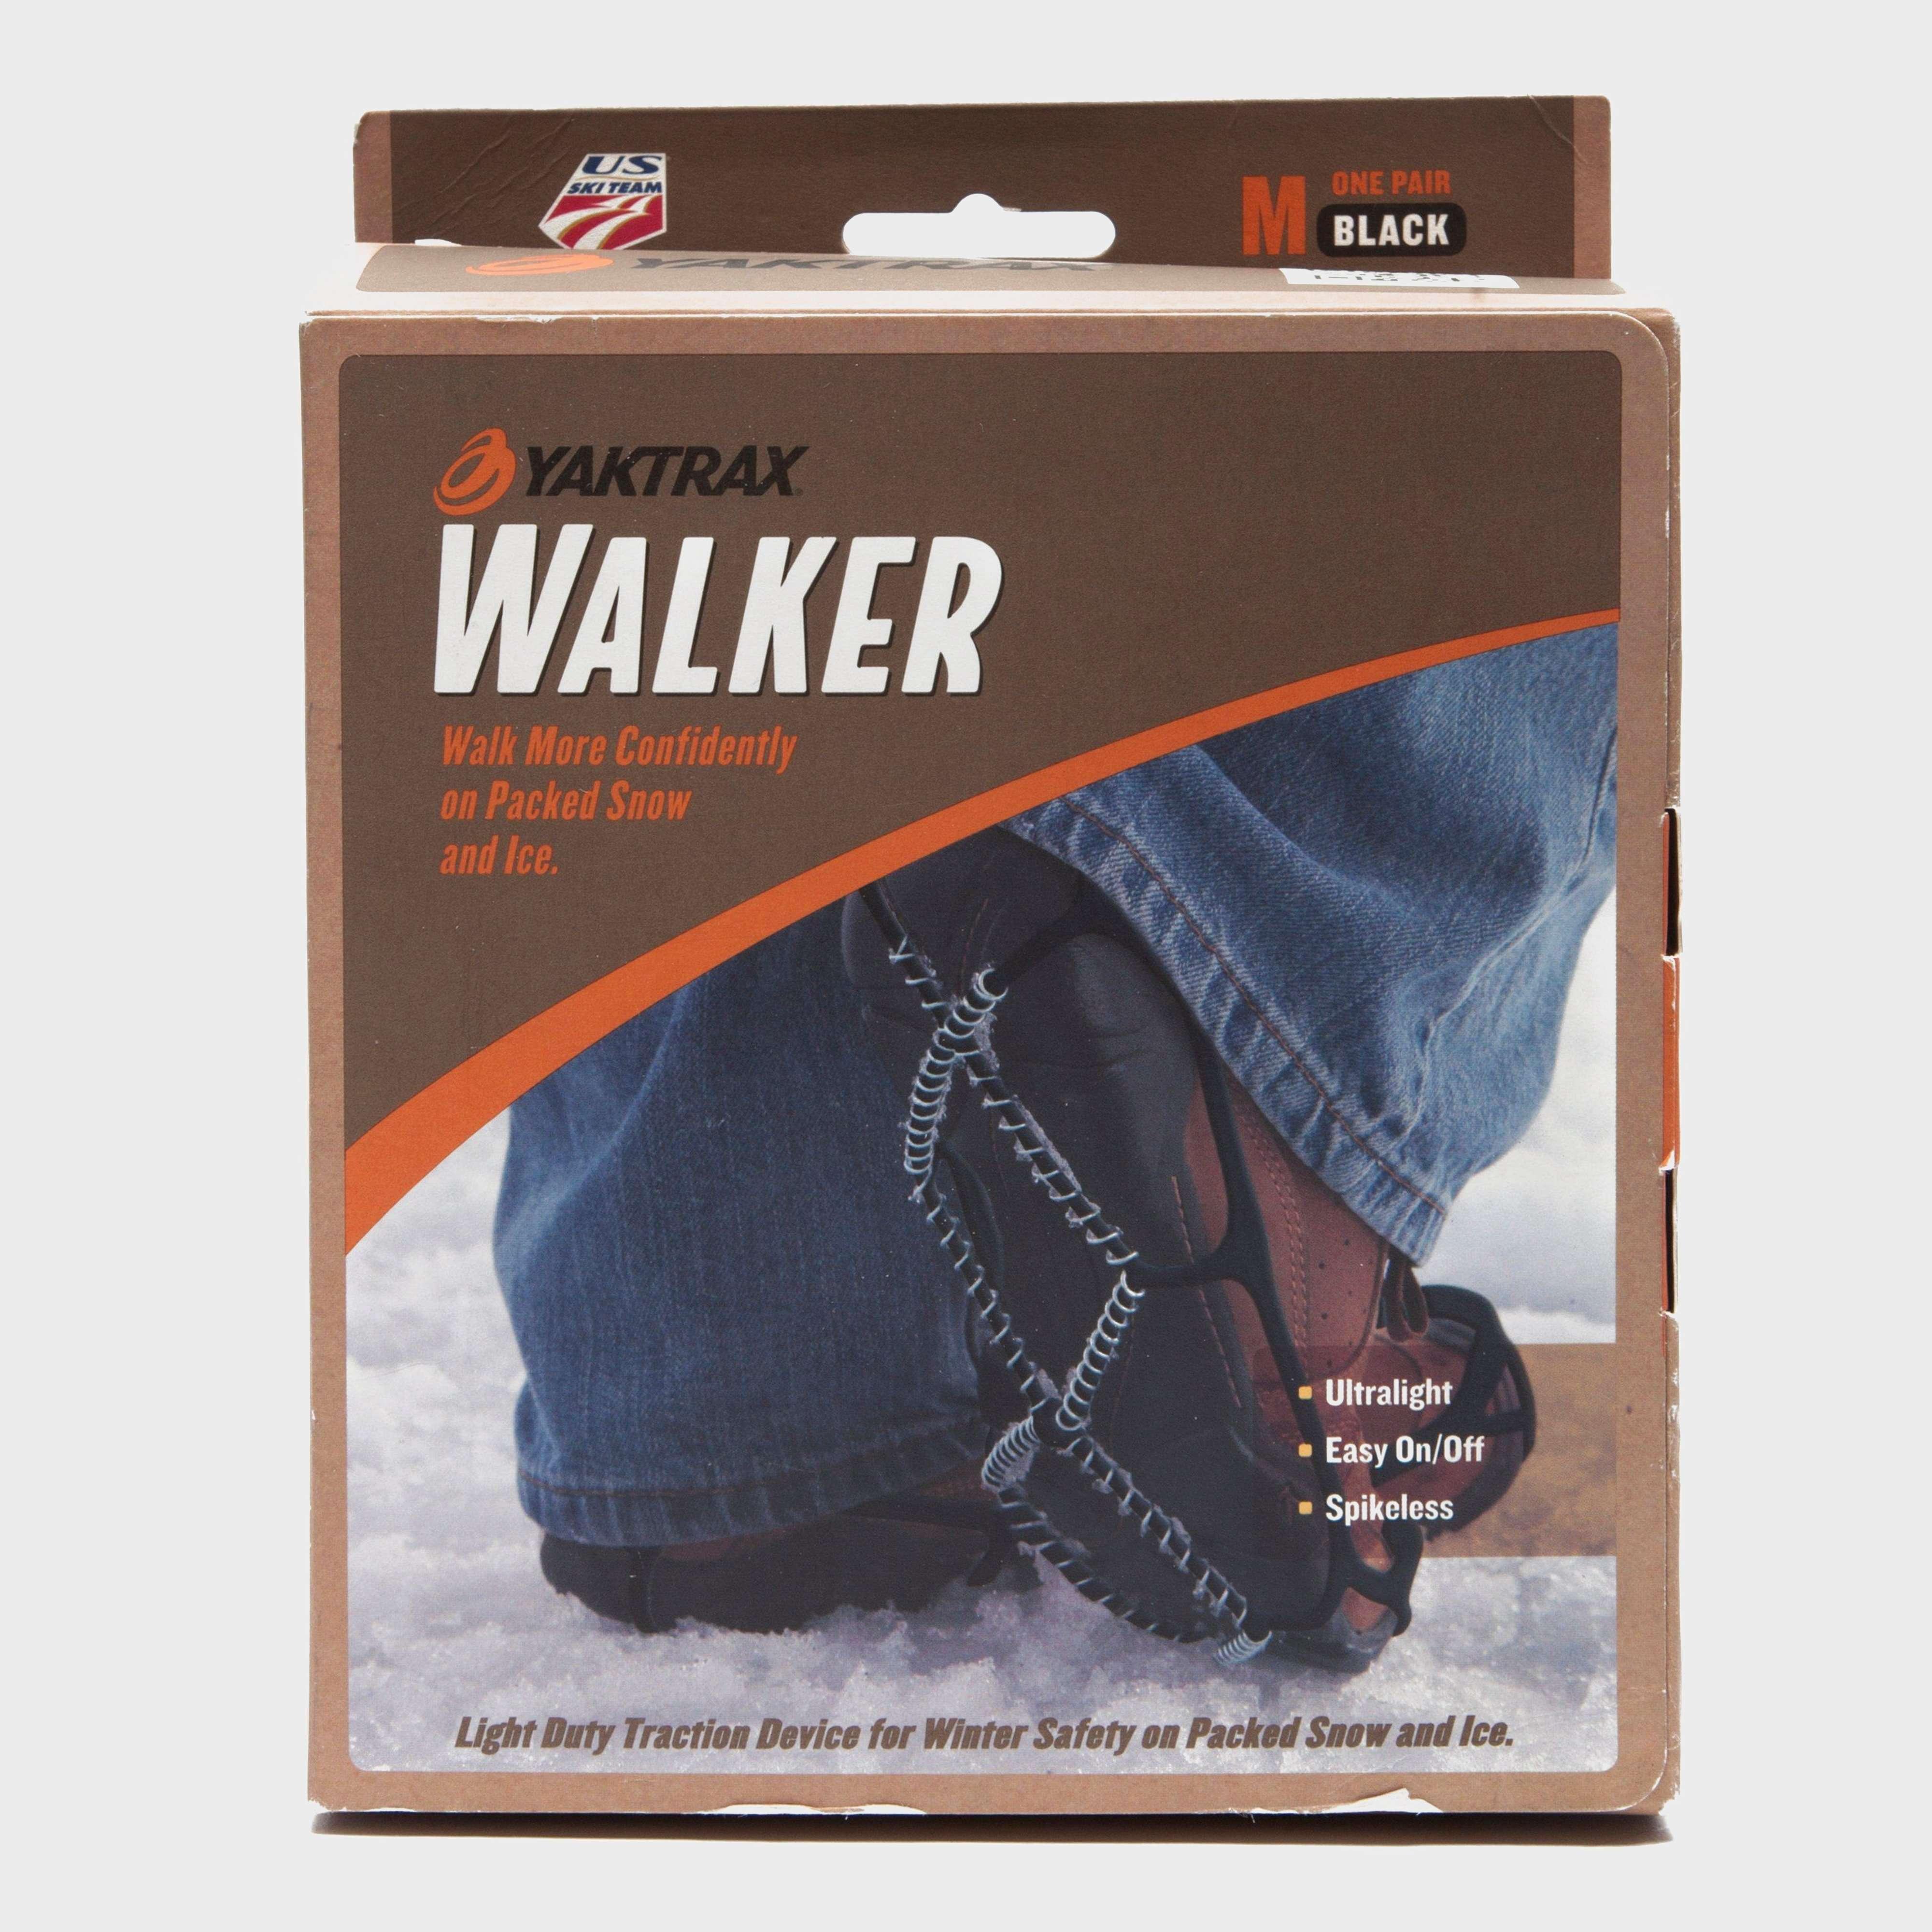 YAKTRAX Walker Snow Grips